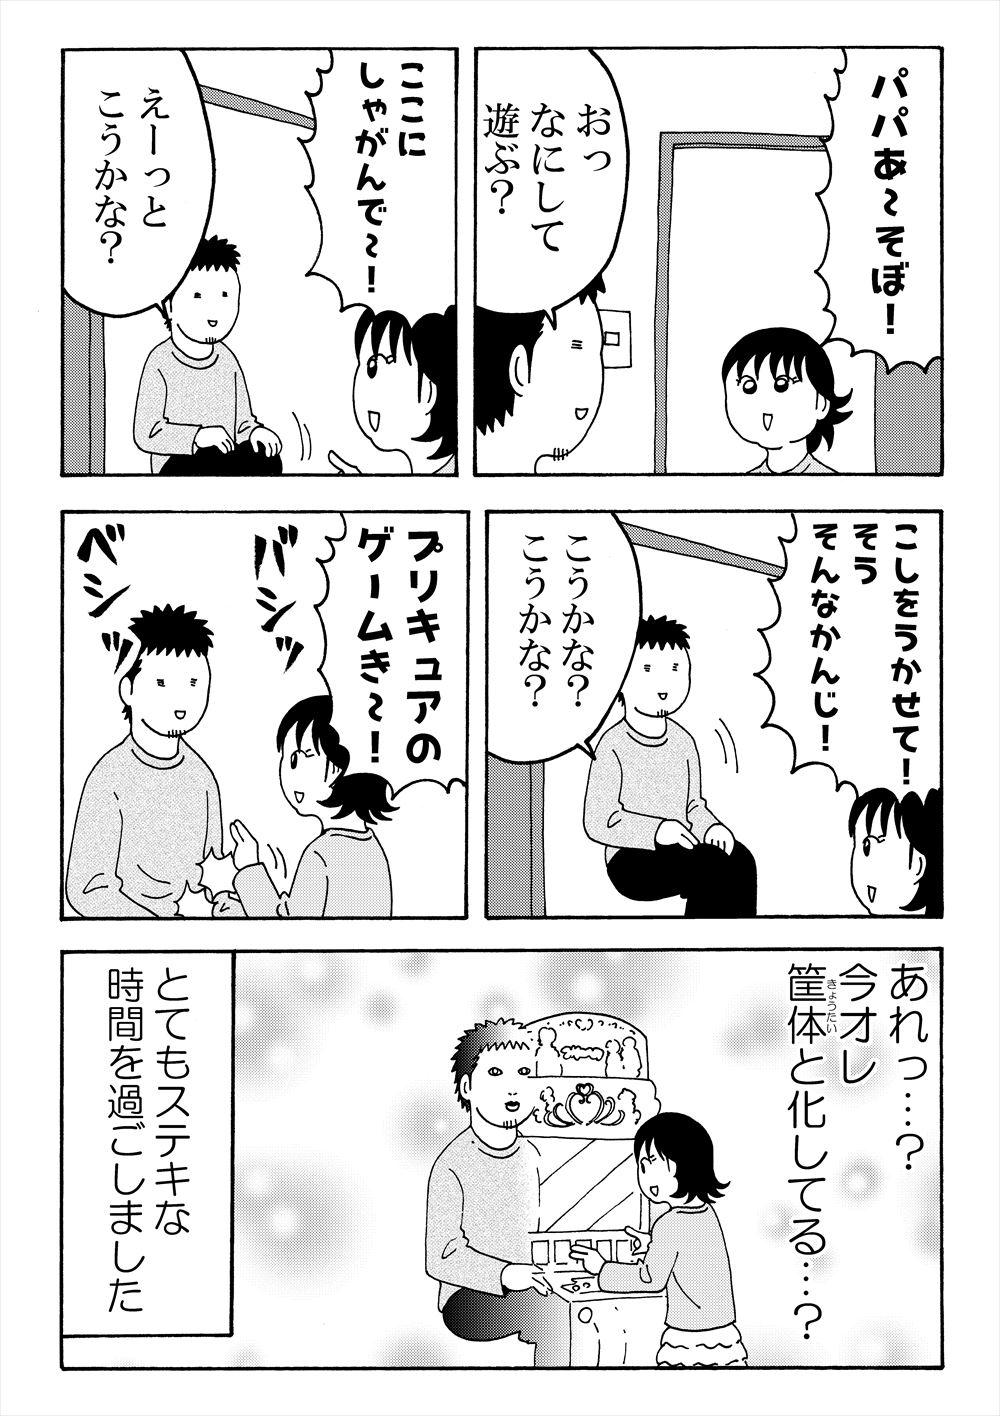 kyoutai_R